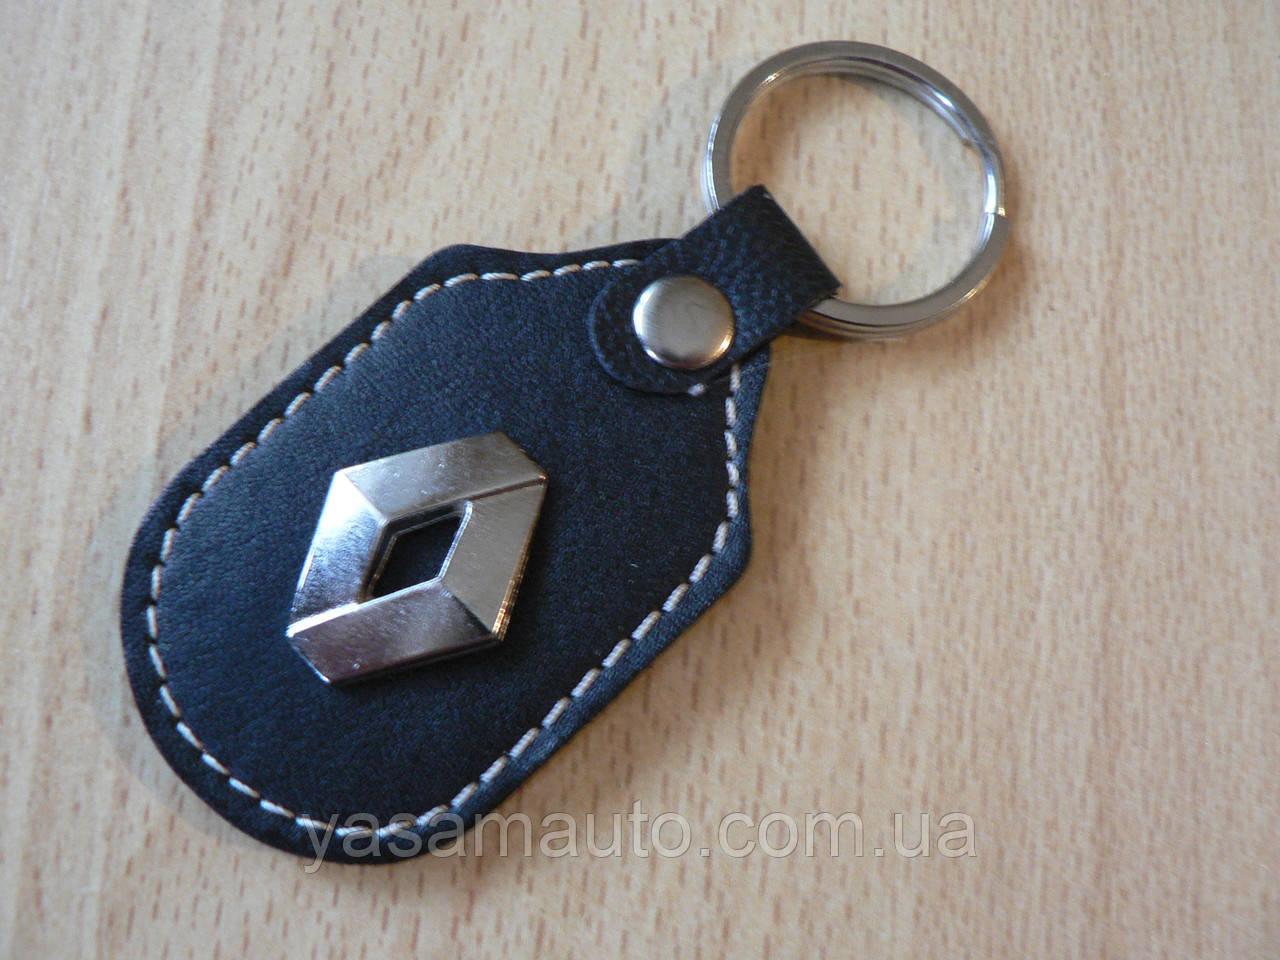 Брелок d продолговатый Renault 97мм 8г коже заменитель коричневый эмблема Рено с кольцом на авто ключи